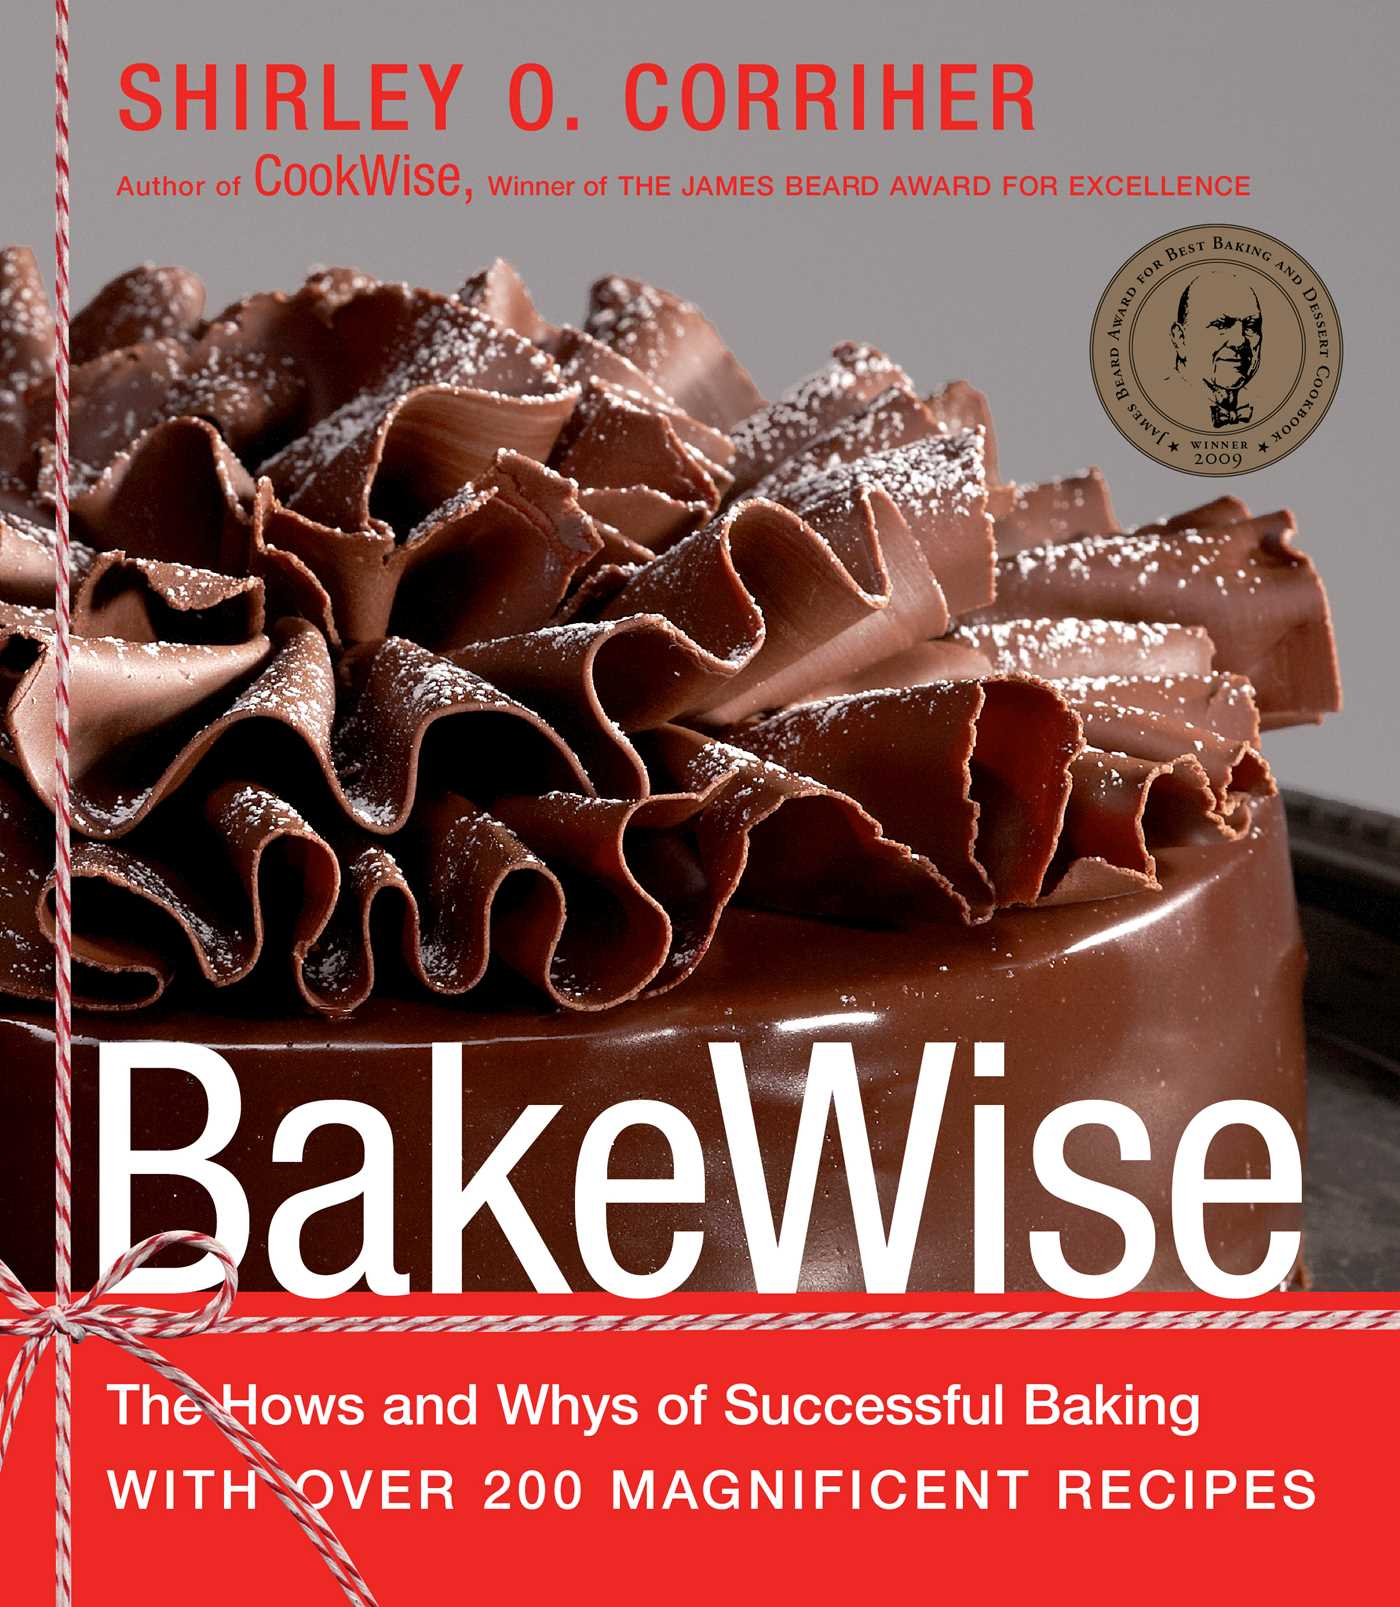 Bakewise 9781416560838 hr